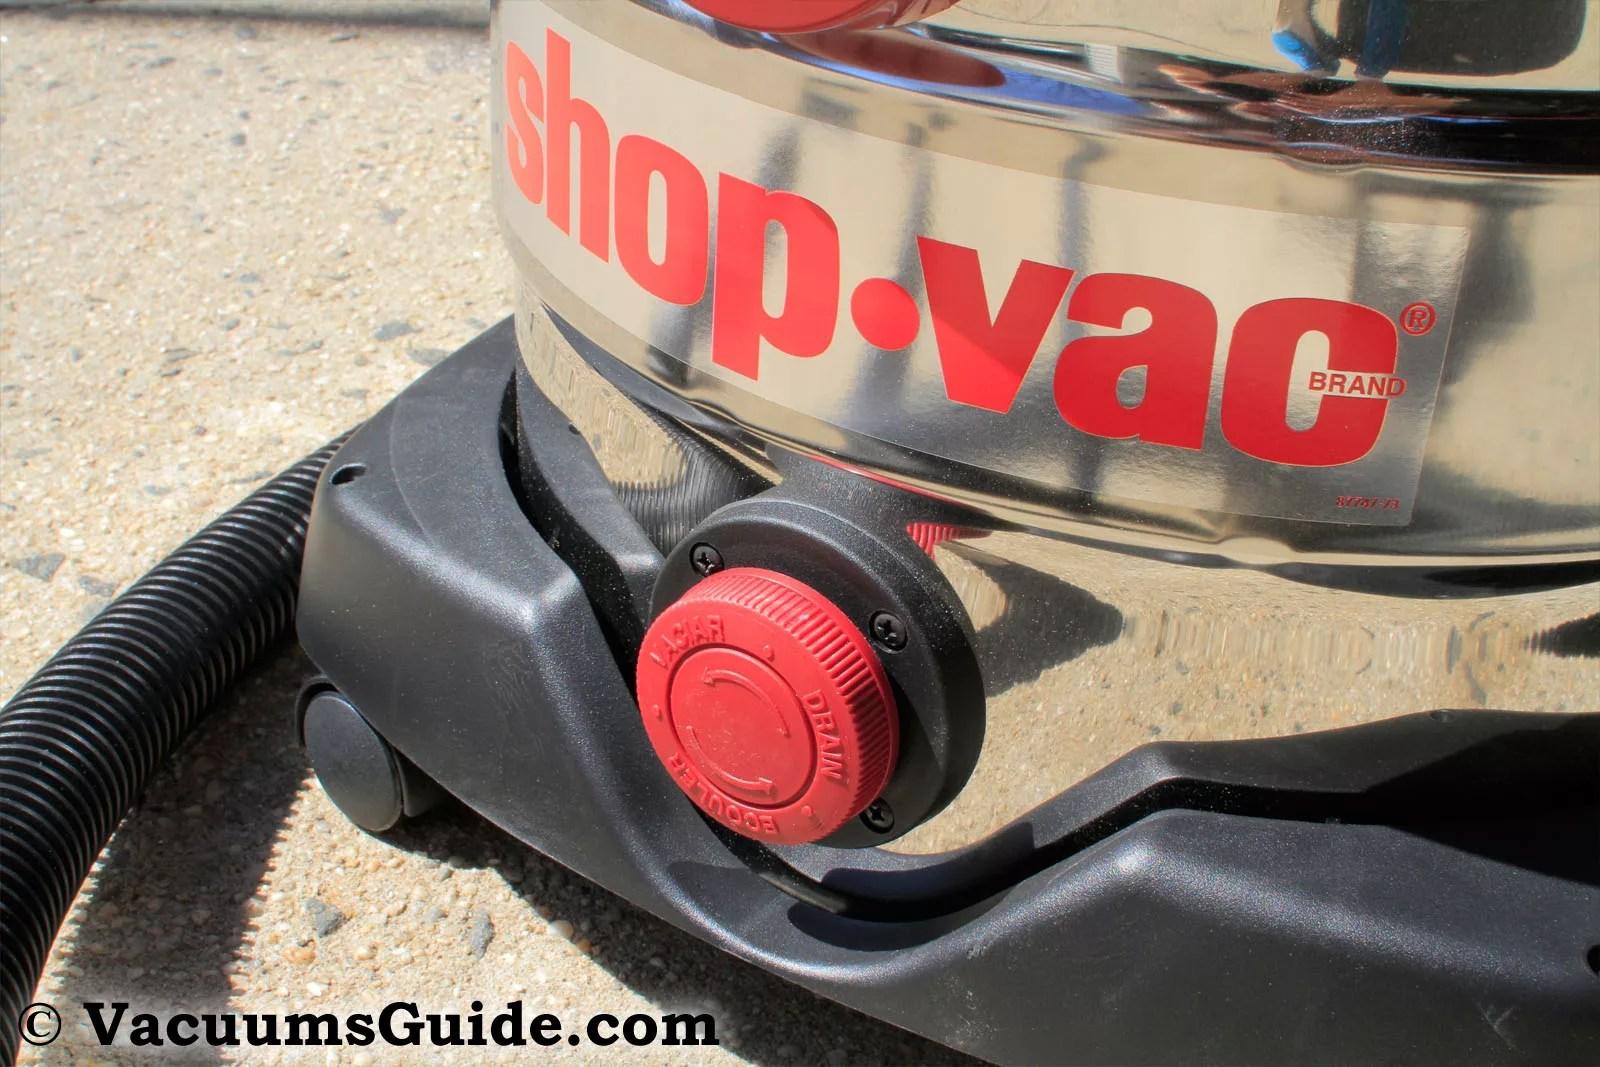 Shop-Vac drain valve